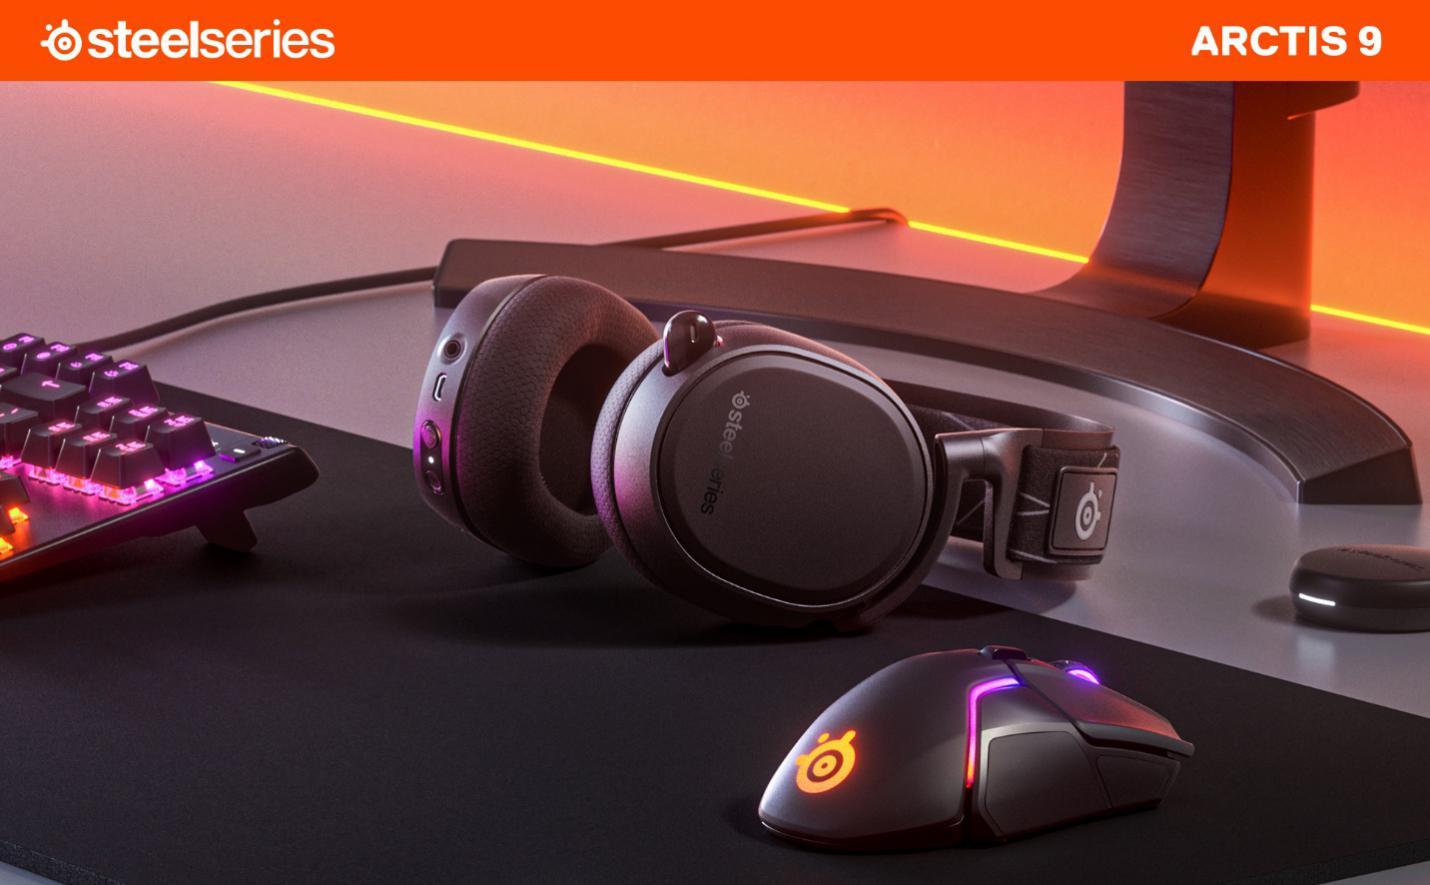 支持PC、PS4和PS5!赛睿发布全新Arctis 9游戏耳机